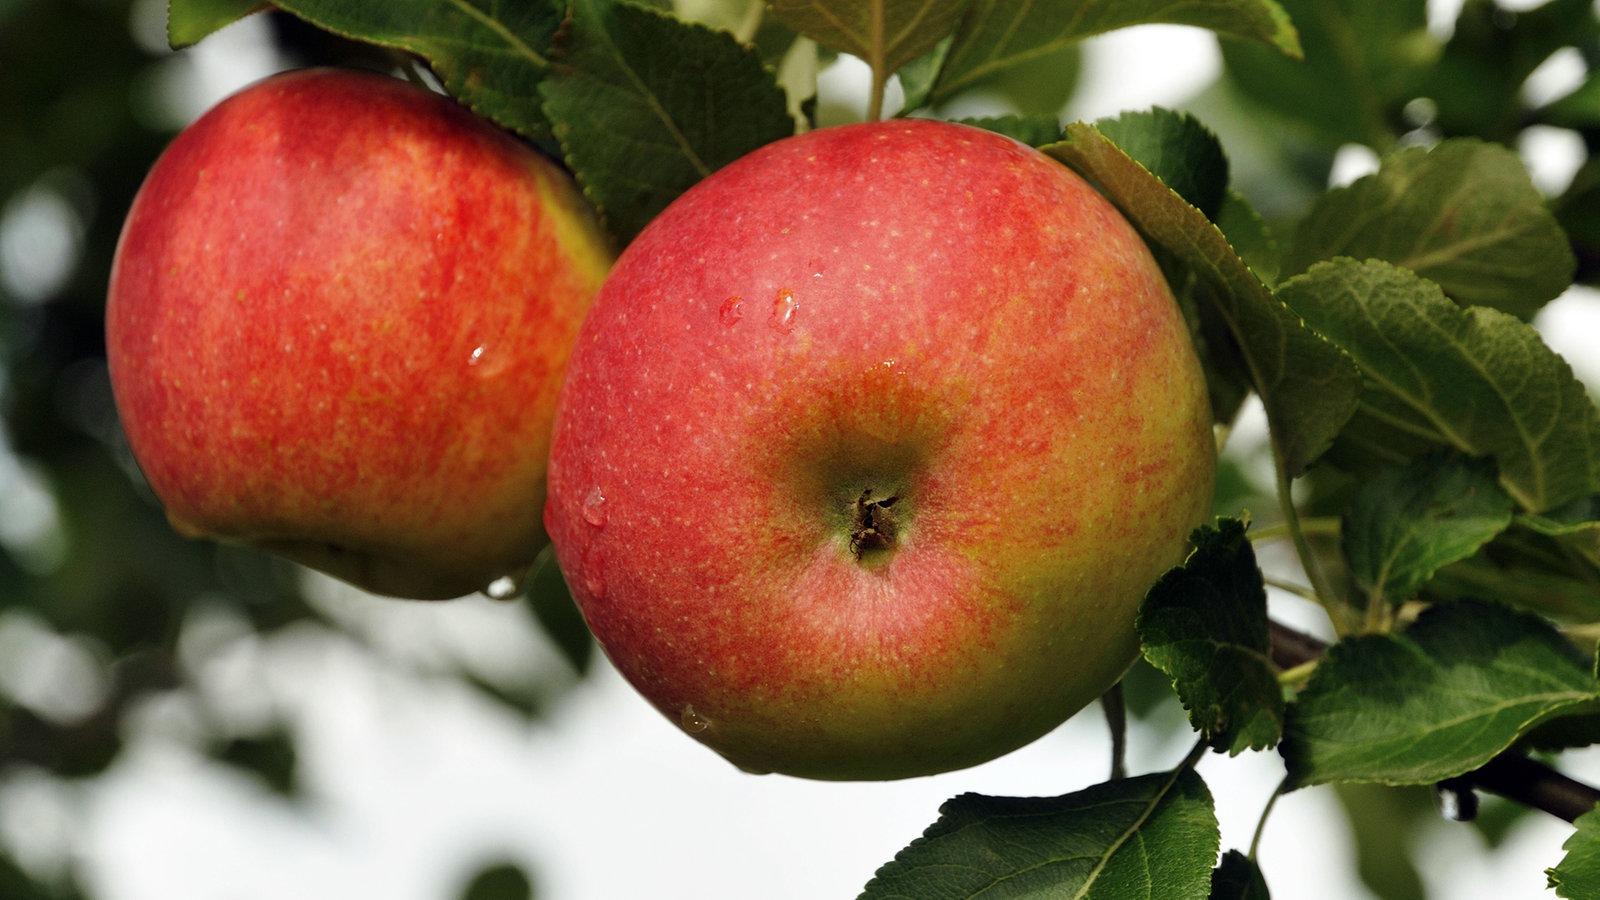 Äpfel - das gesunde Obst - Ernährung - Verbraucher - WDR